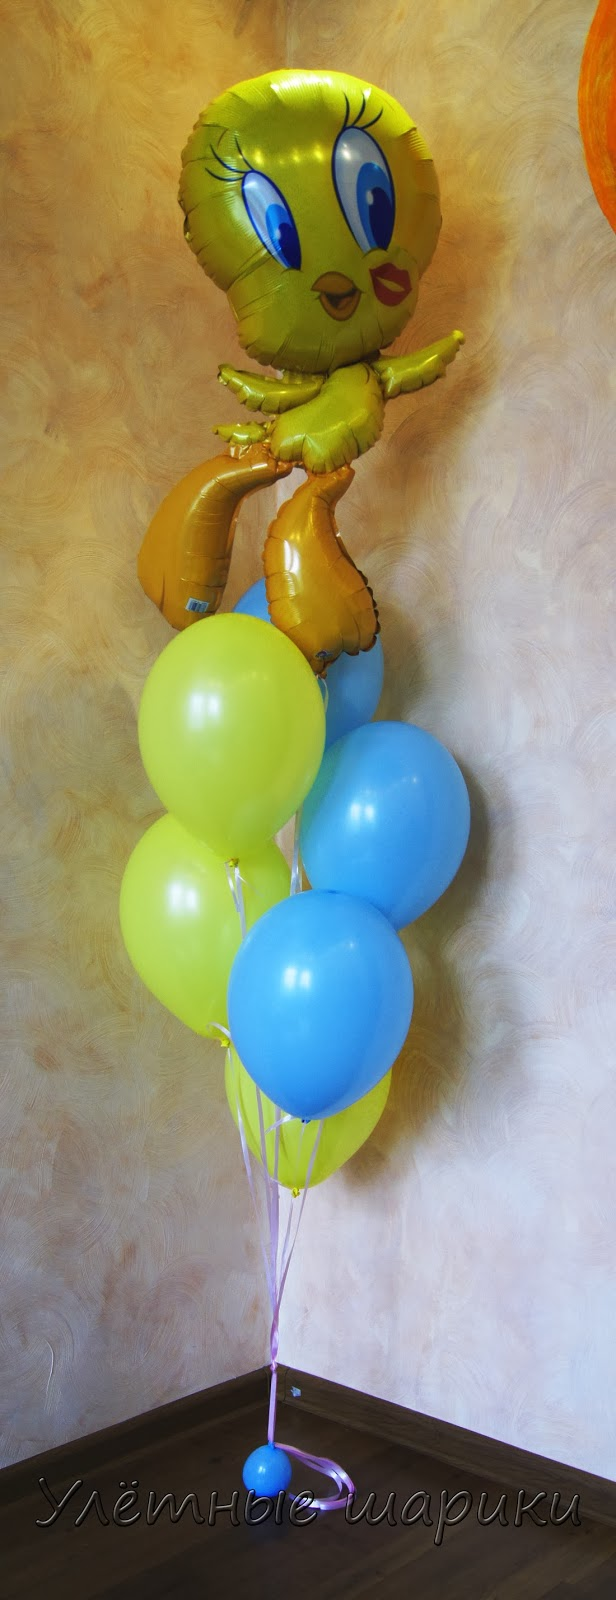 Букет из воздушных шариков с Твитти